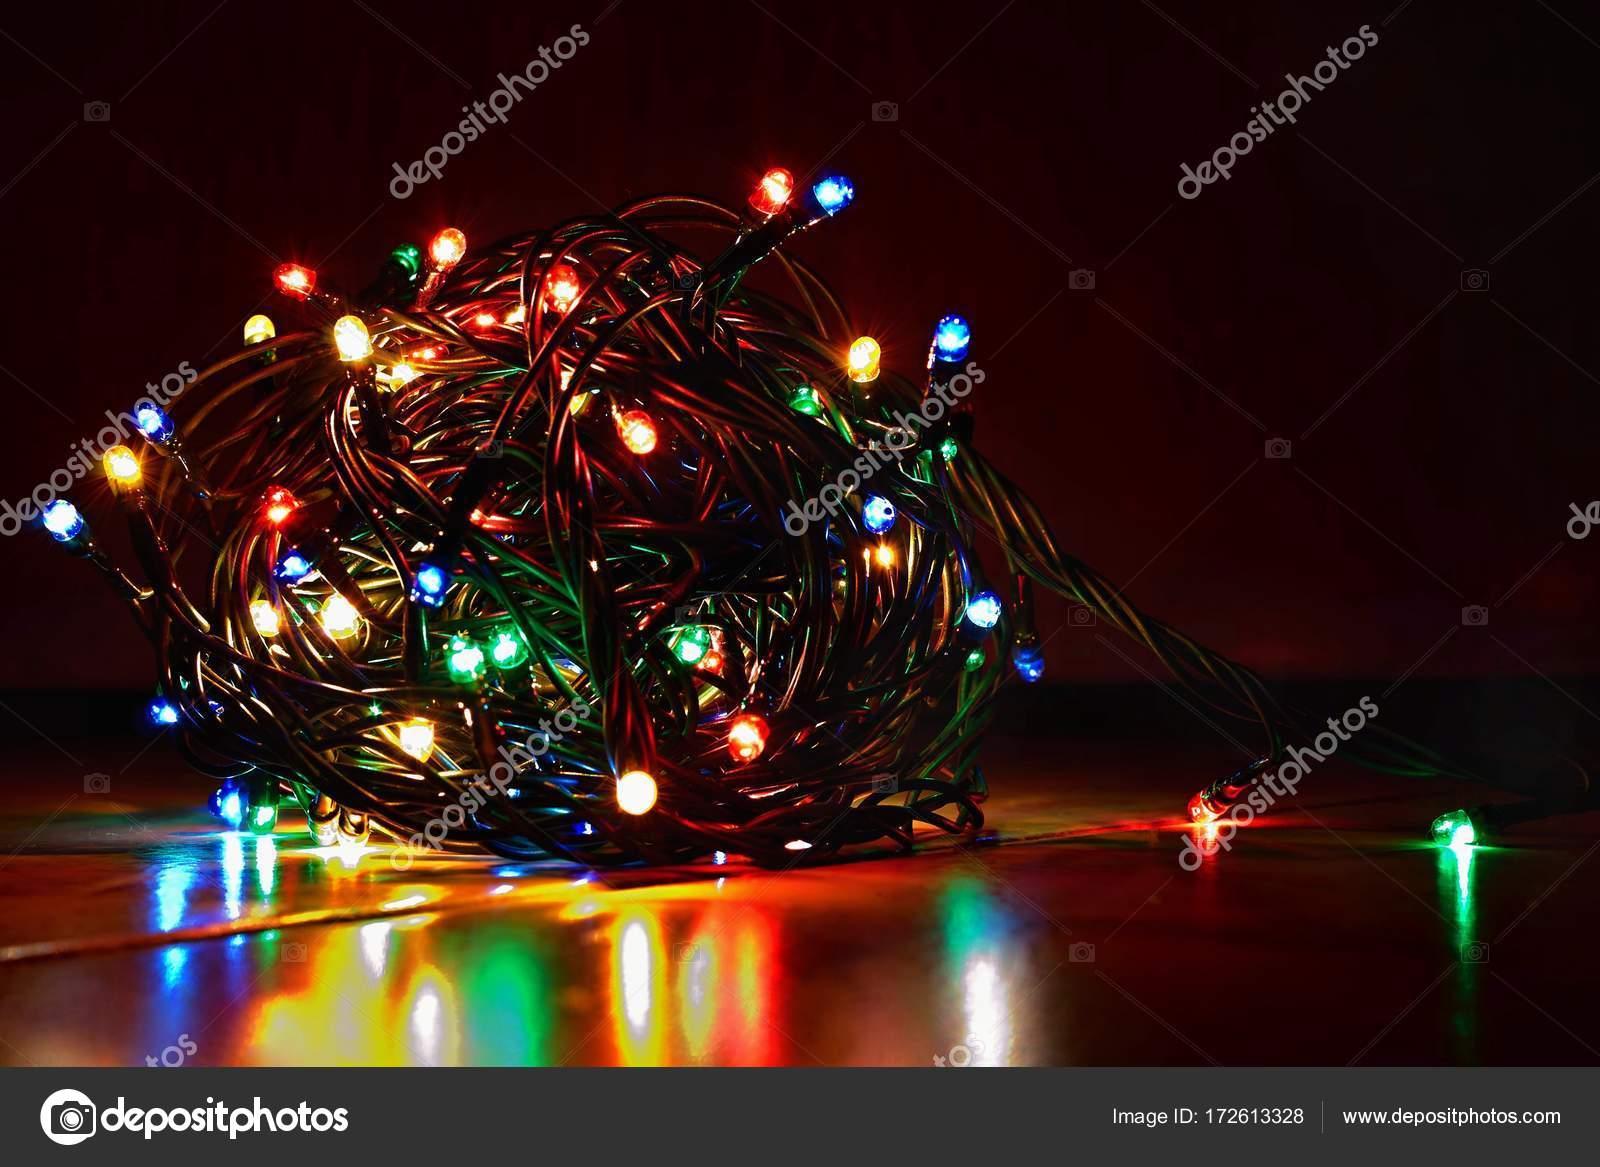 Fondo de Navidad abstracto textura de Navidad de color luces para